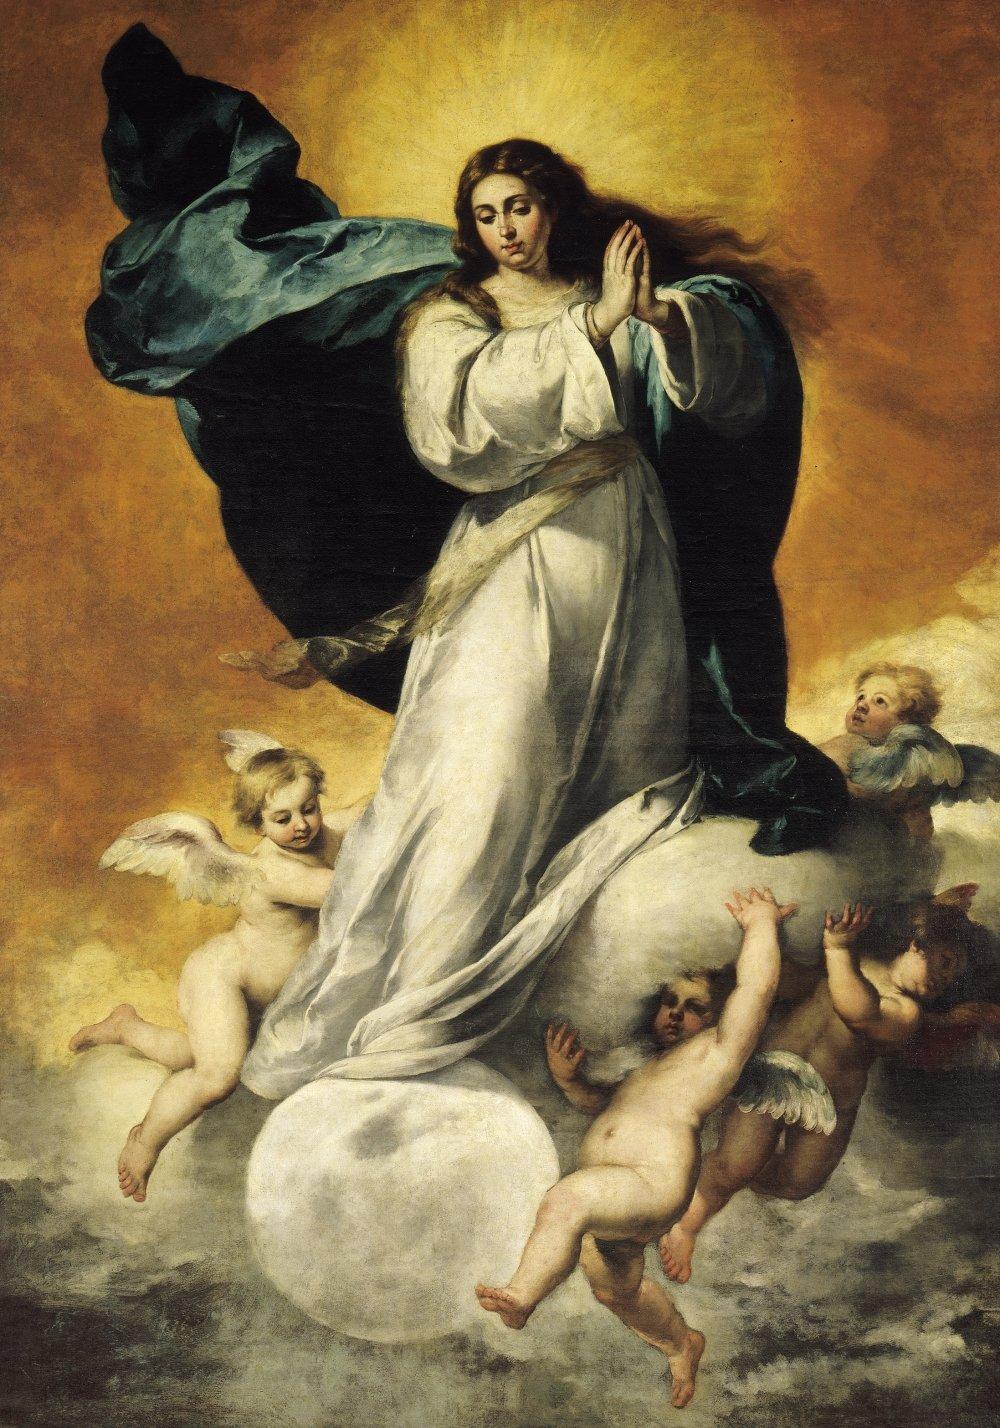 La asunción de la virgen se celebra el 15 de agosto.|Fuente: Wikimedia Commons